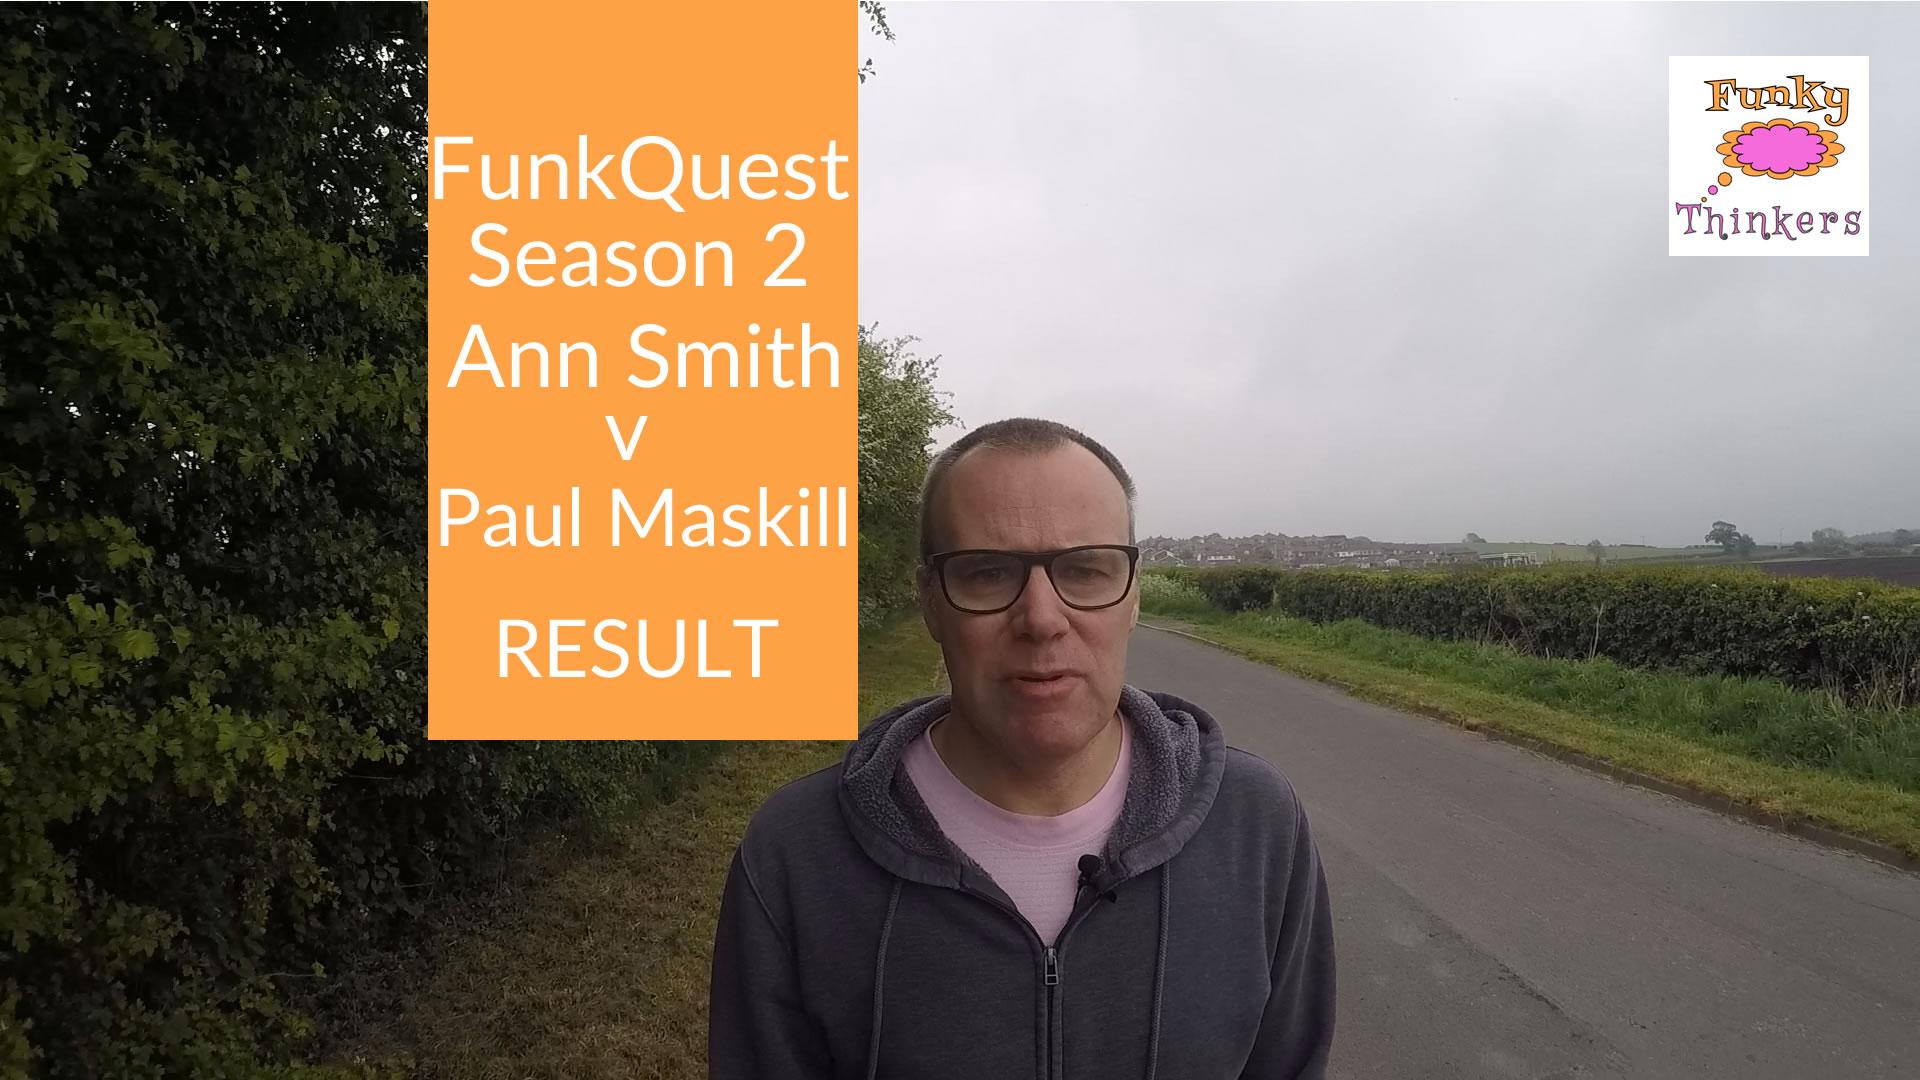 FunkQuest Ann Smith v Paul Maskill